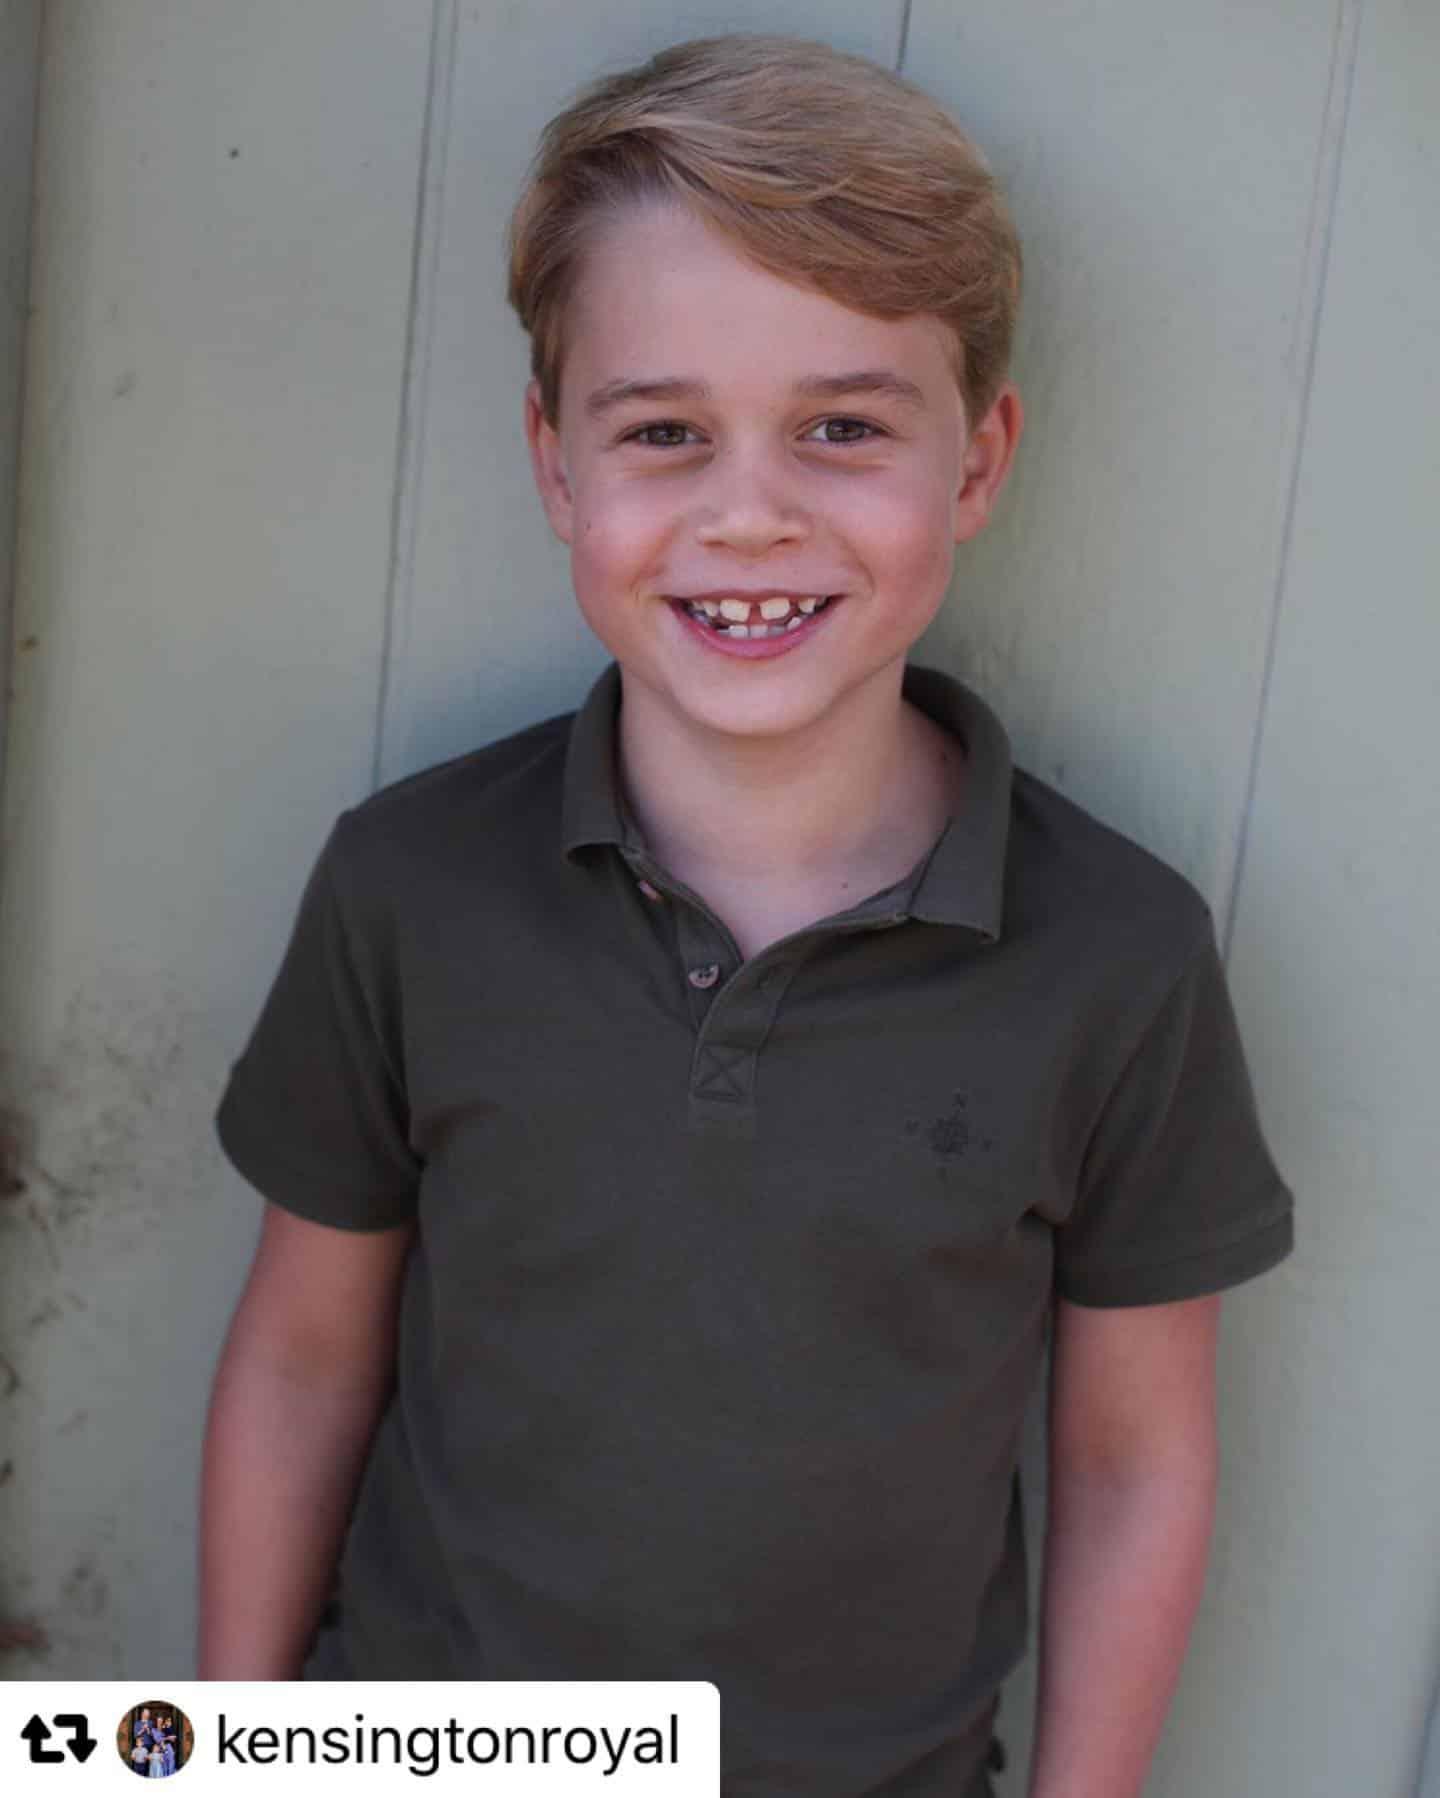 Amaia Kids ♥ジョージ王子お誕生日おめでとうございます♥